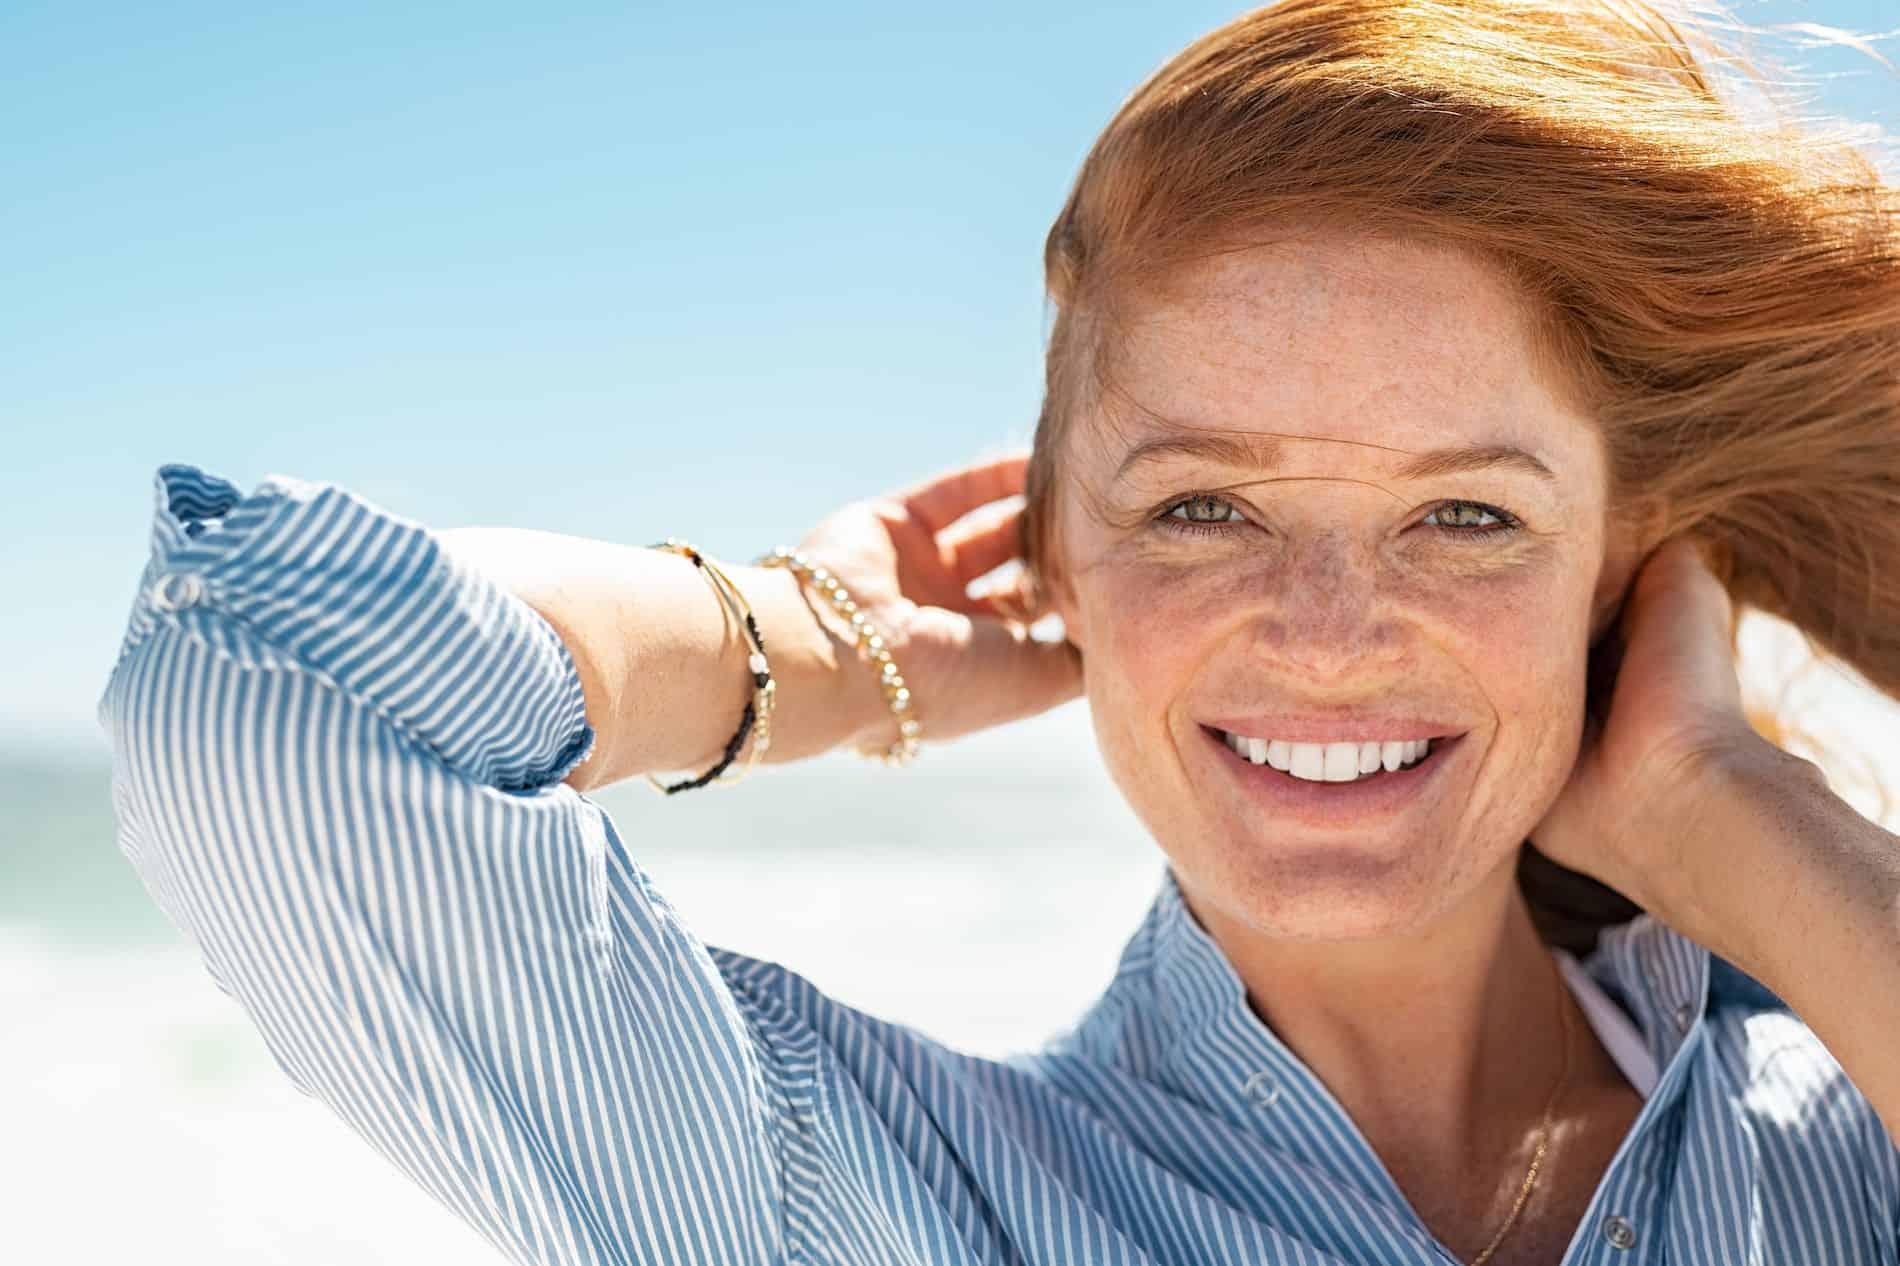 Eine Frau mit Sommersprossen lächelt in die Kamera